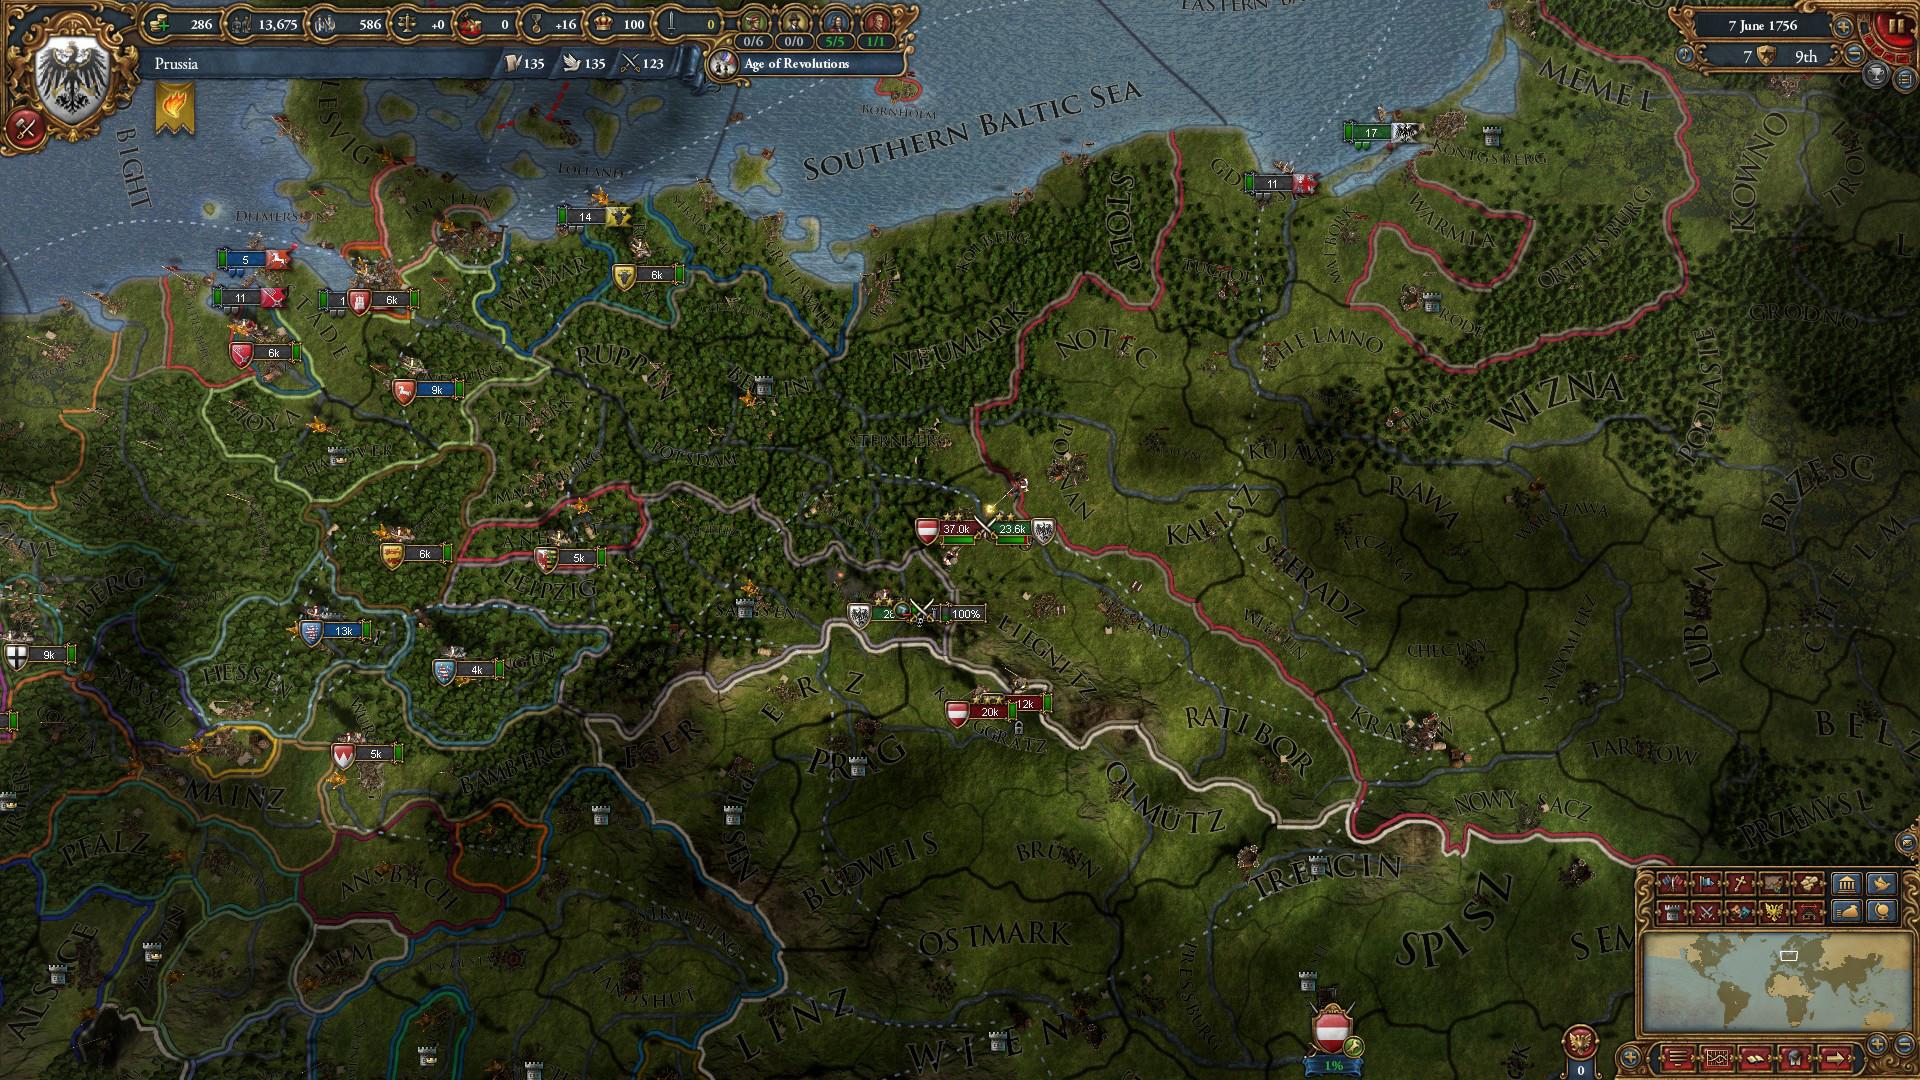 europa universalis 4 dlc free download